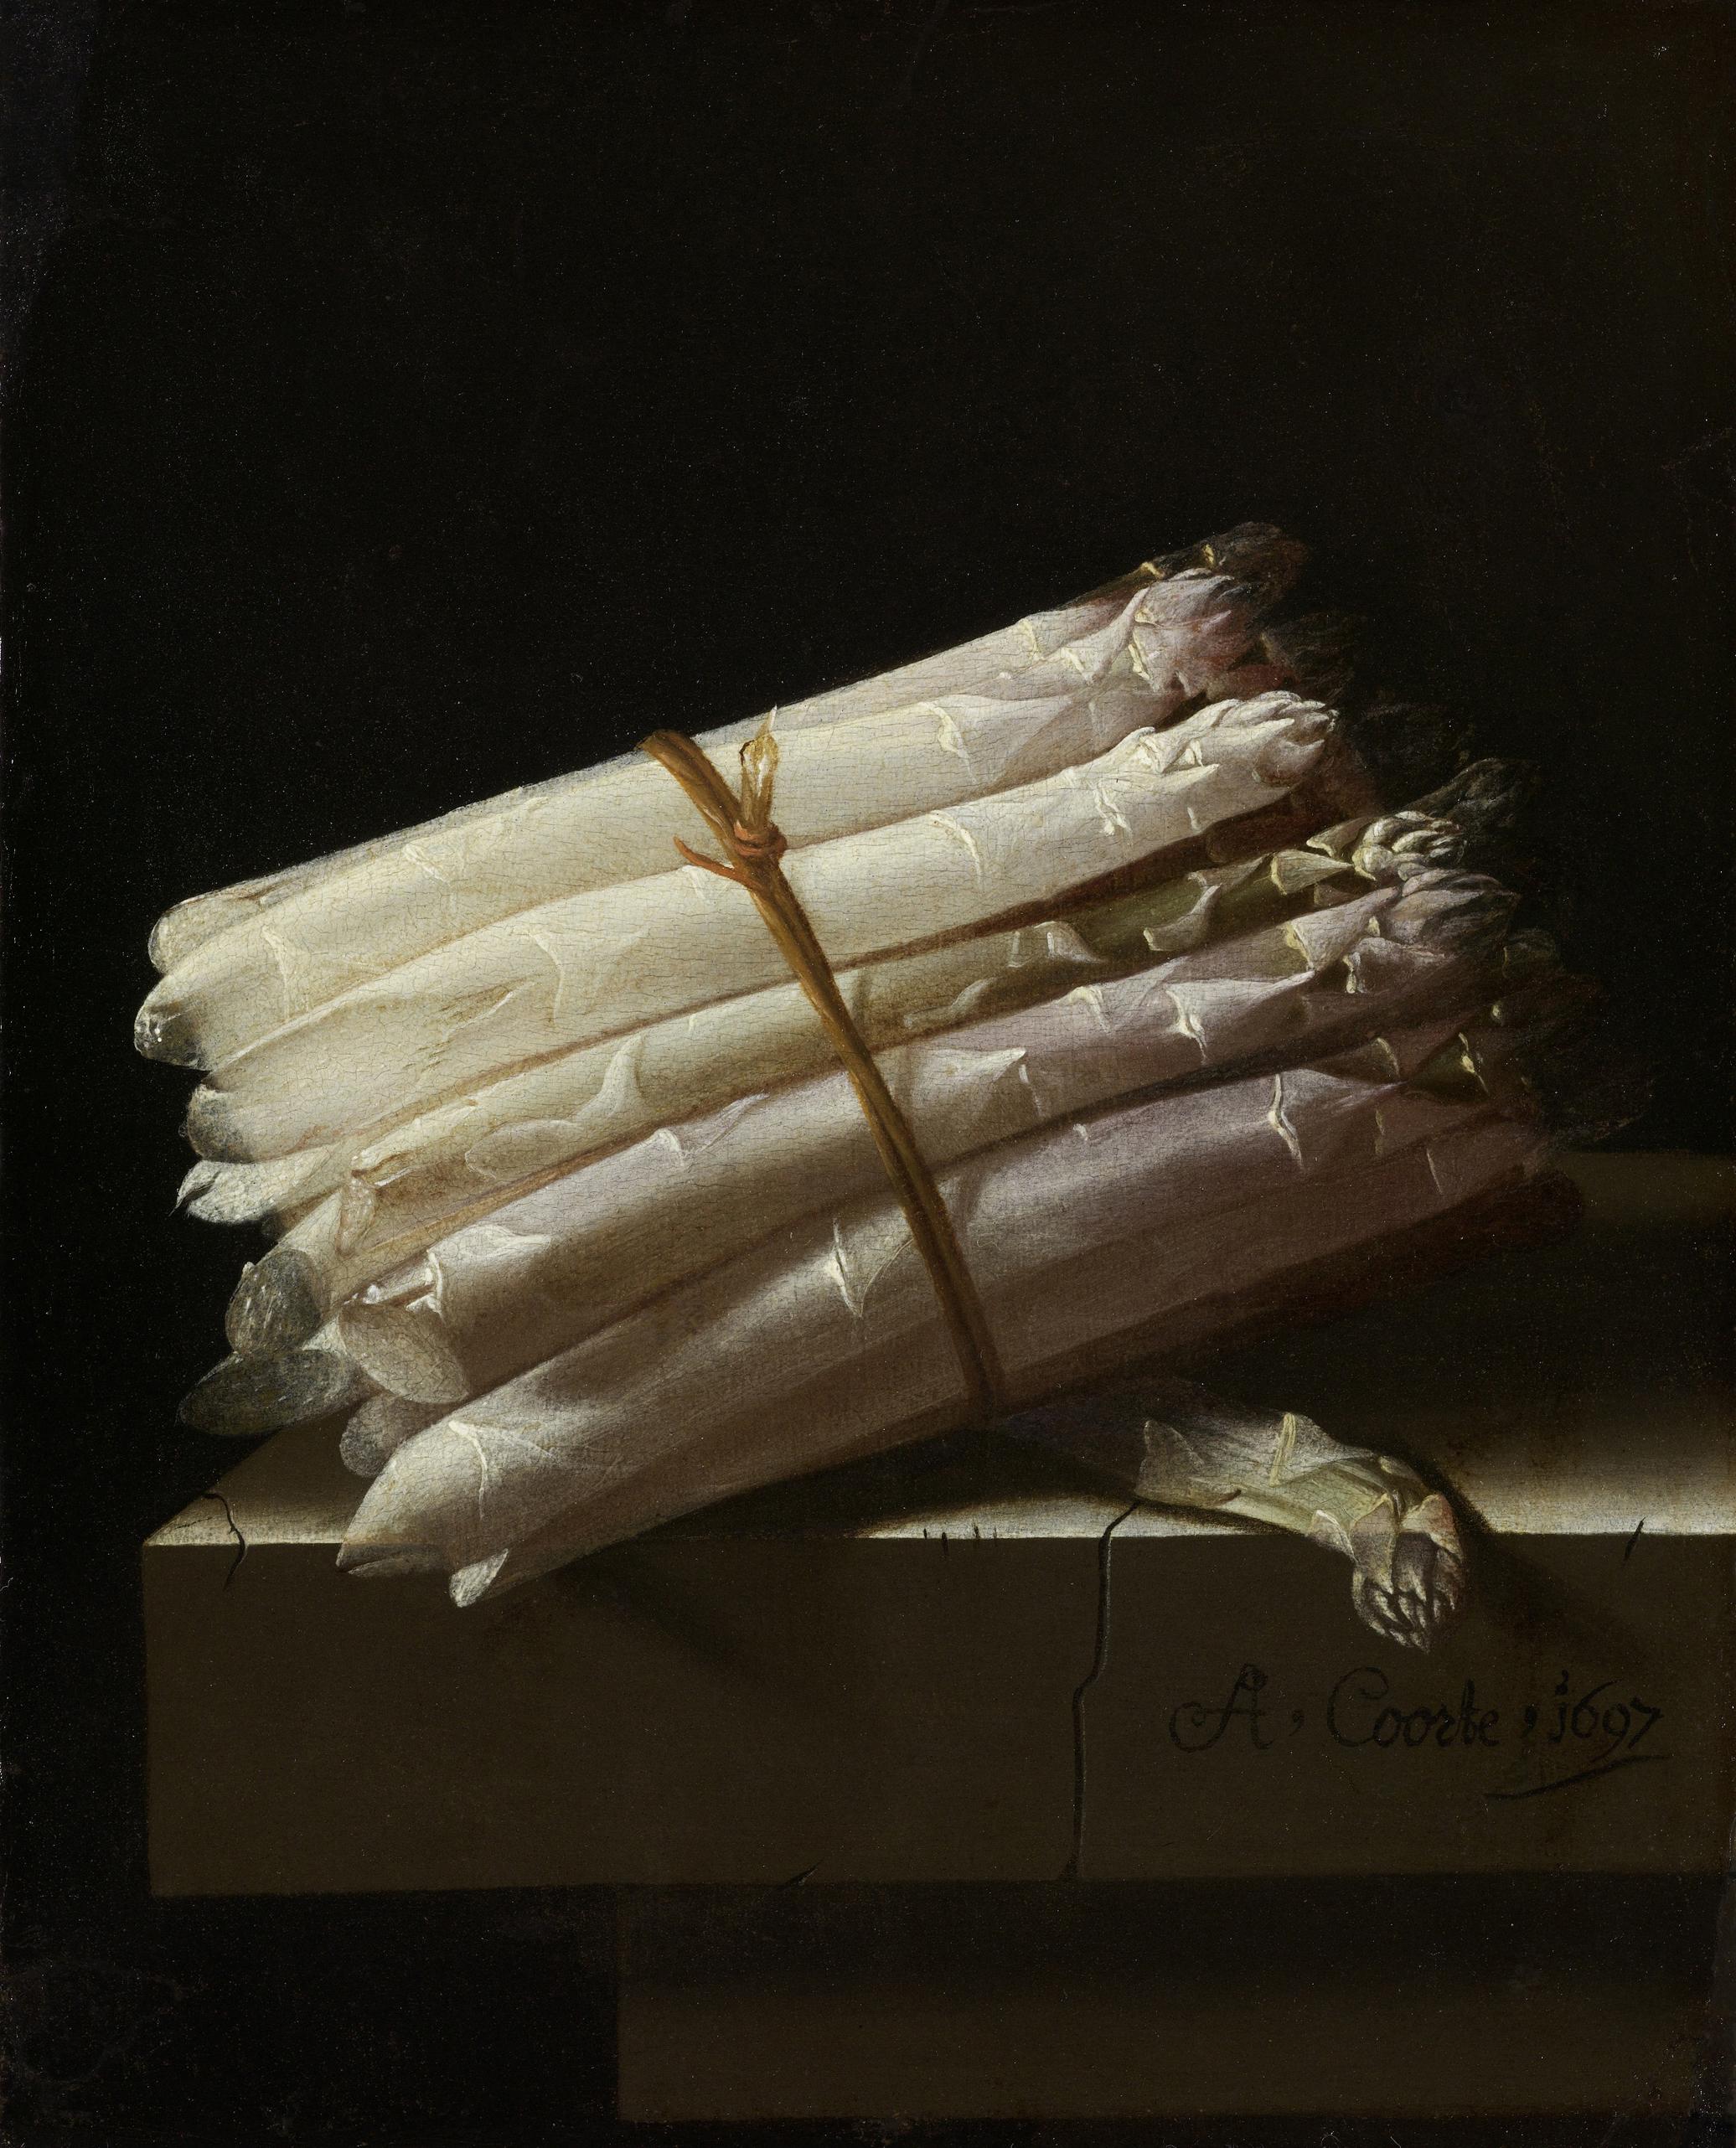 Adriaen Coorte, Still Life with Asparagus, 1697, Rijksmuseum, Amsterdam, Netherlands.